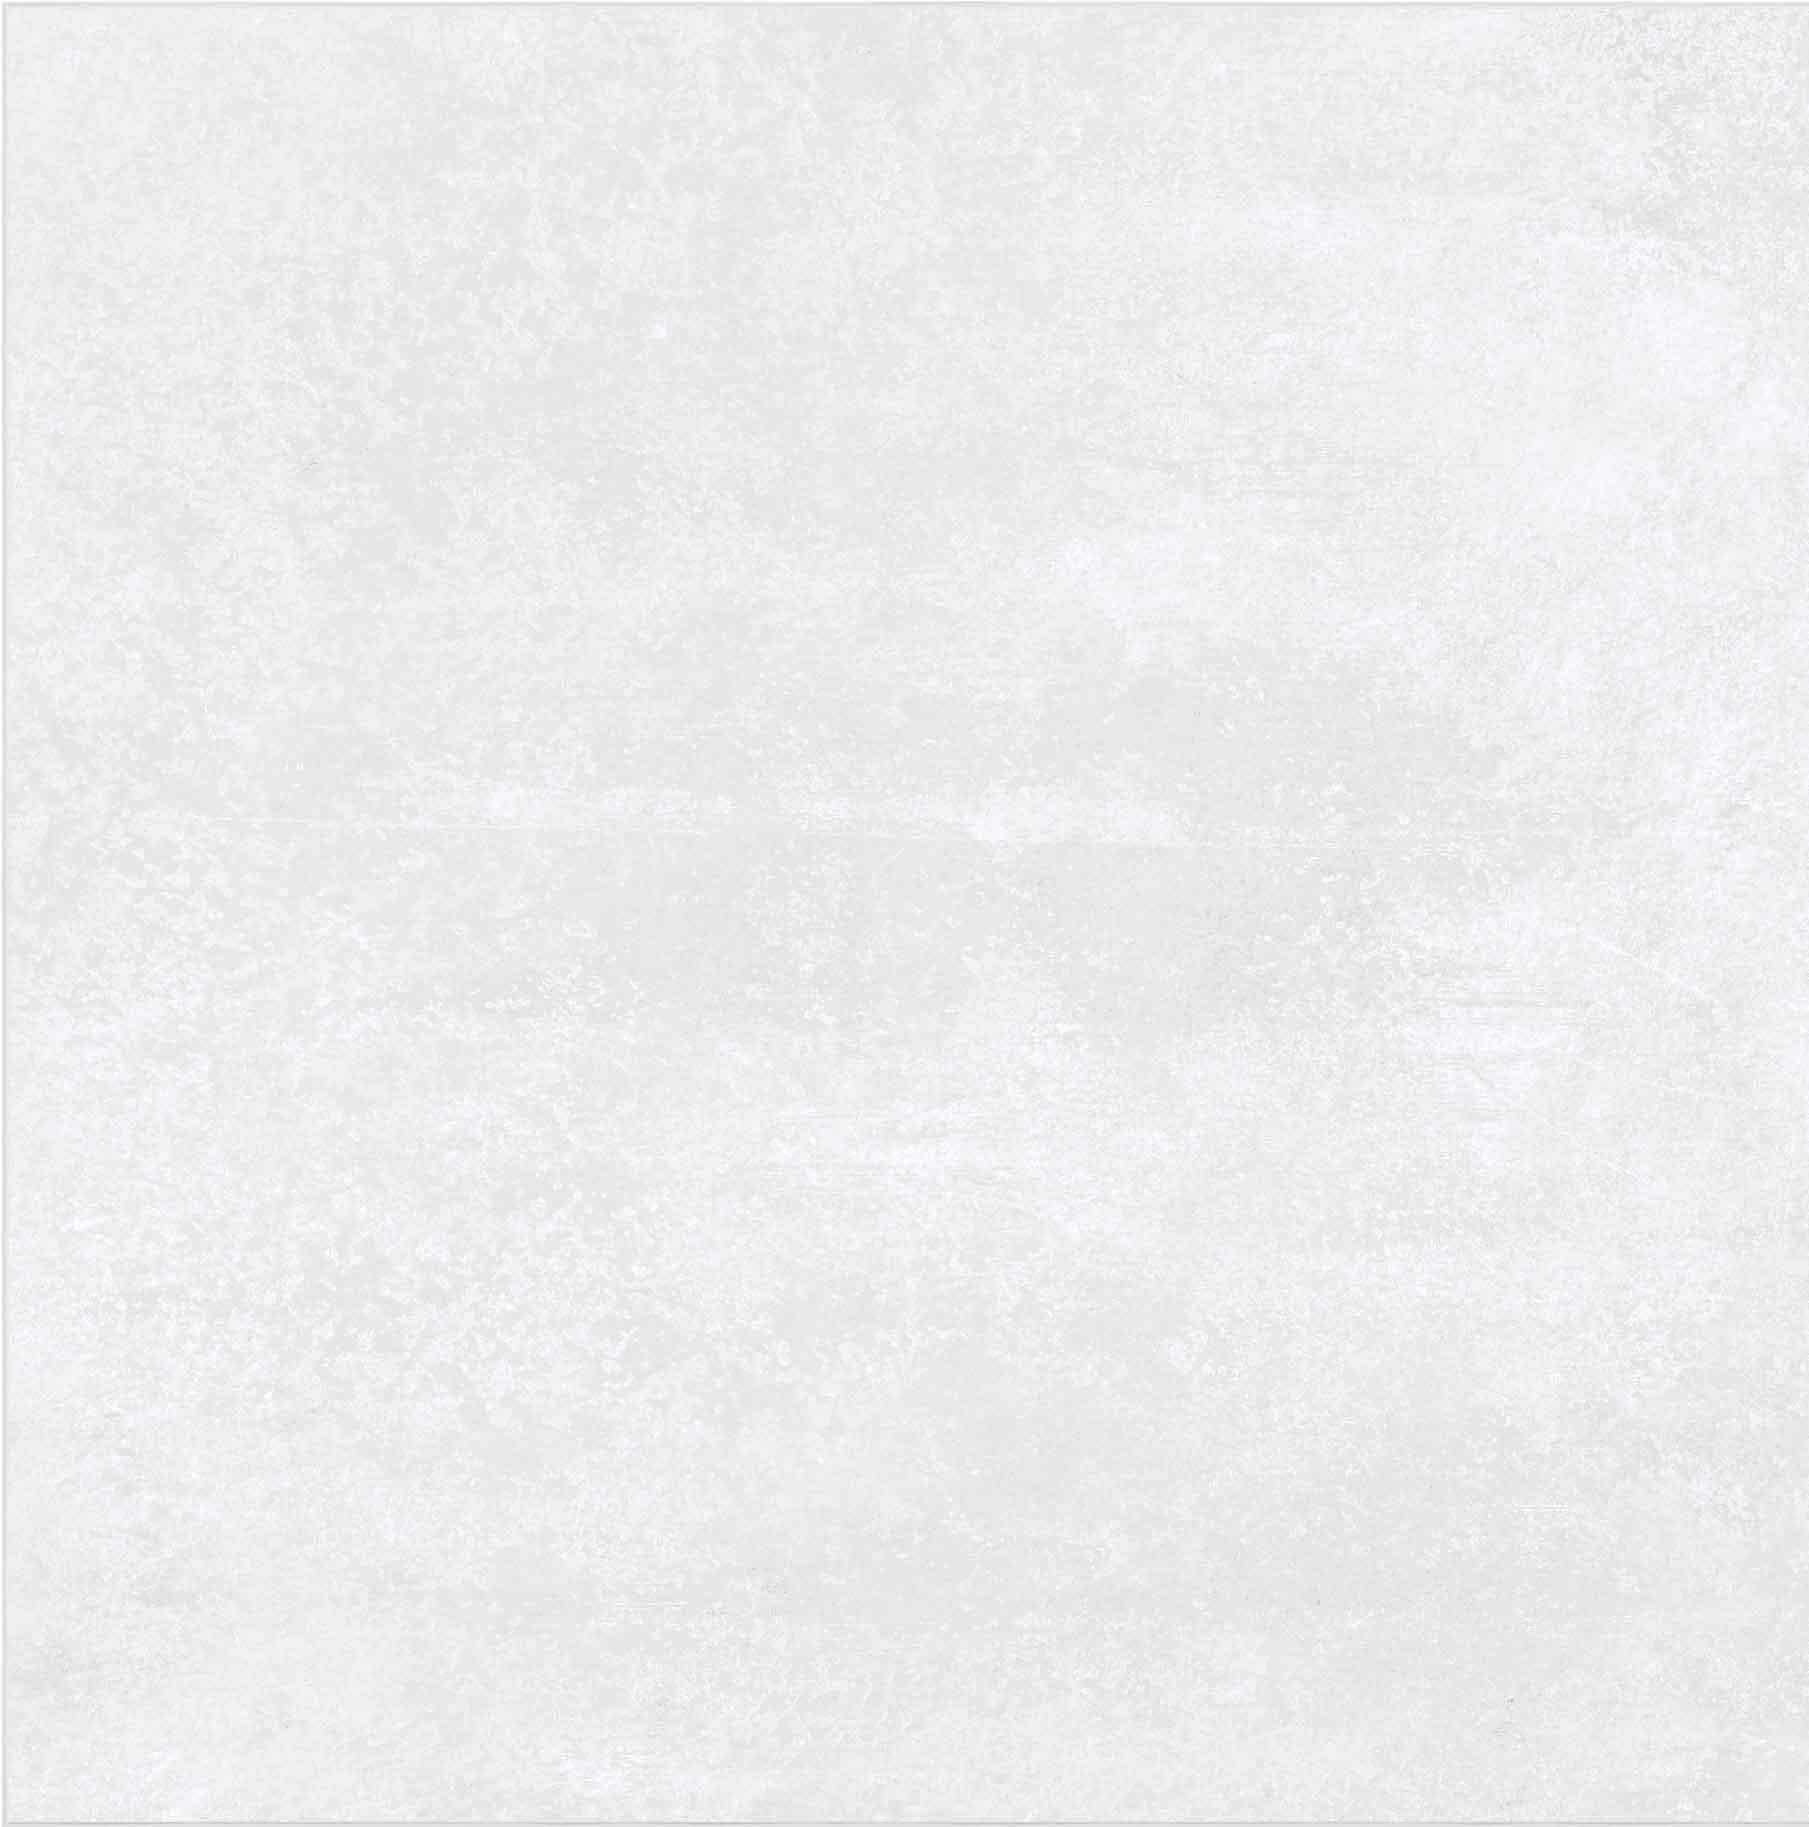 Rawtech White Matte 10mm 60 x 60